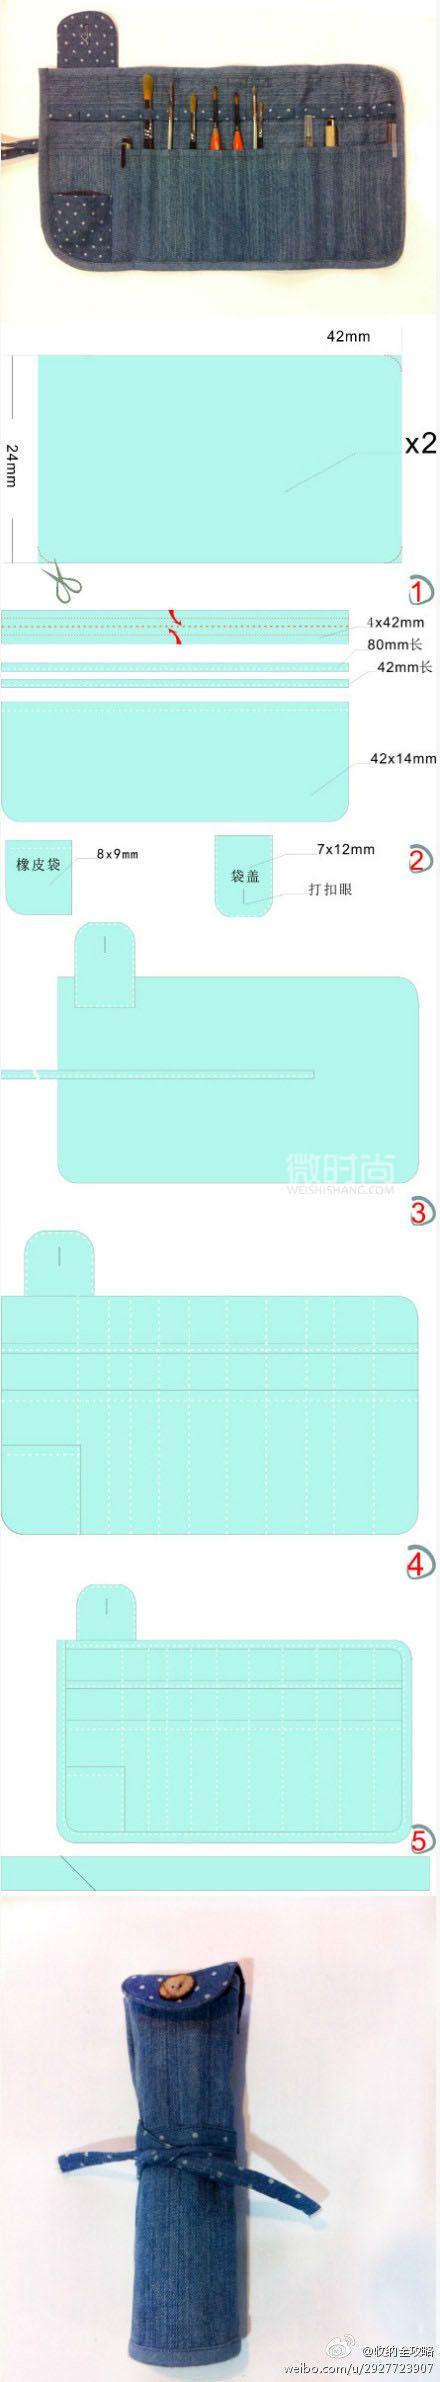 Bricolaje Easy cepillo titular de DIY Proyectos   UsefulDIY.com